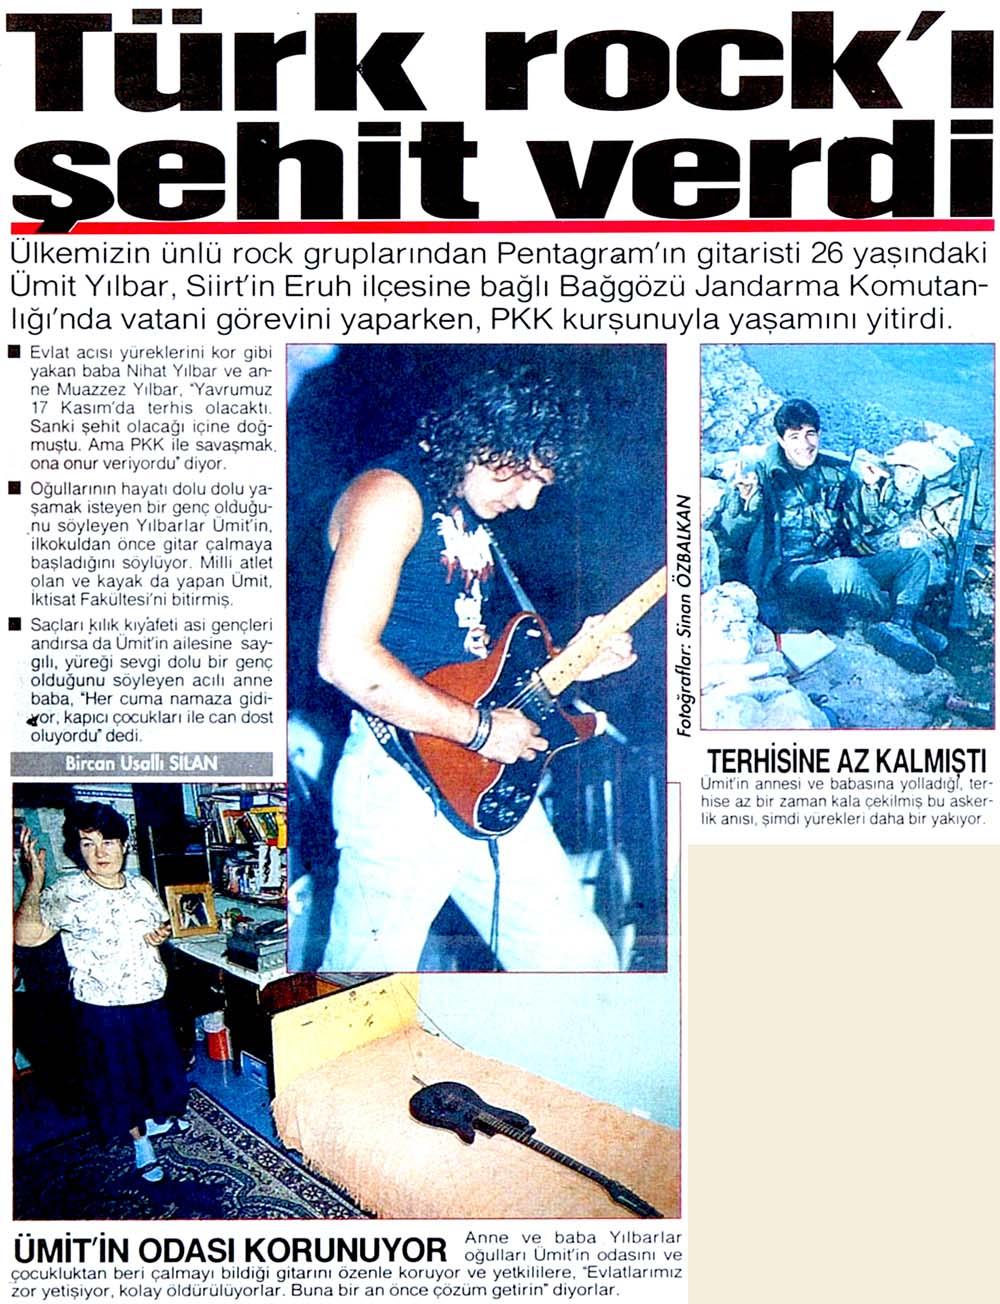 Türk rock'ı şehit verdi